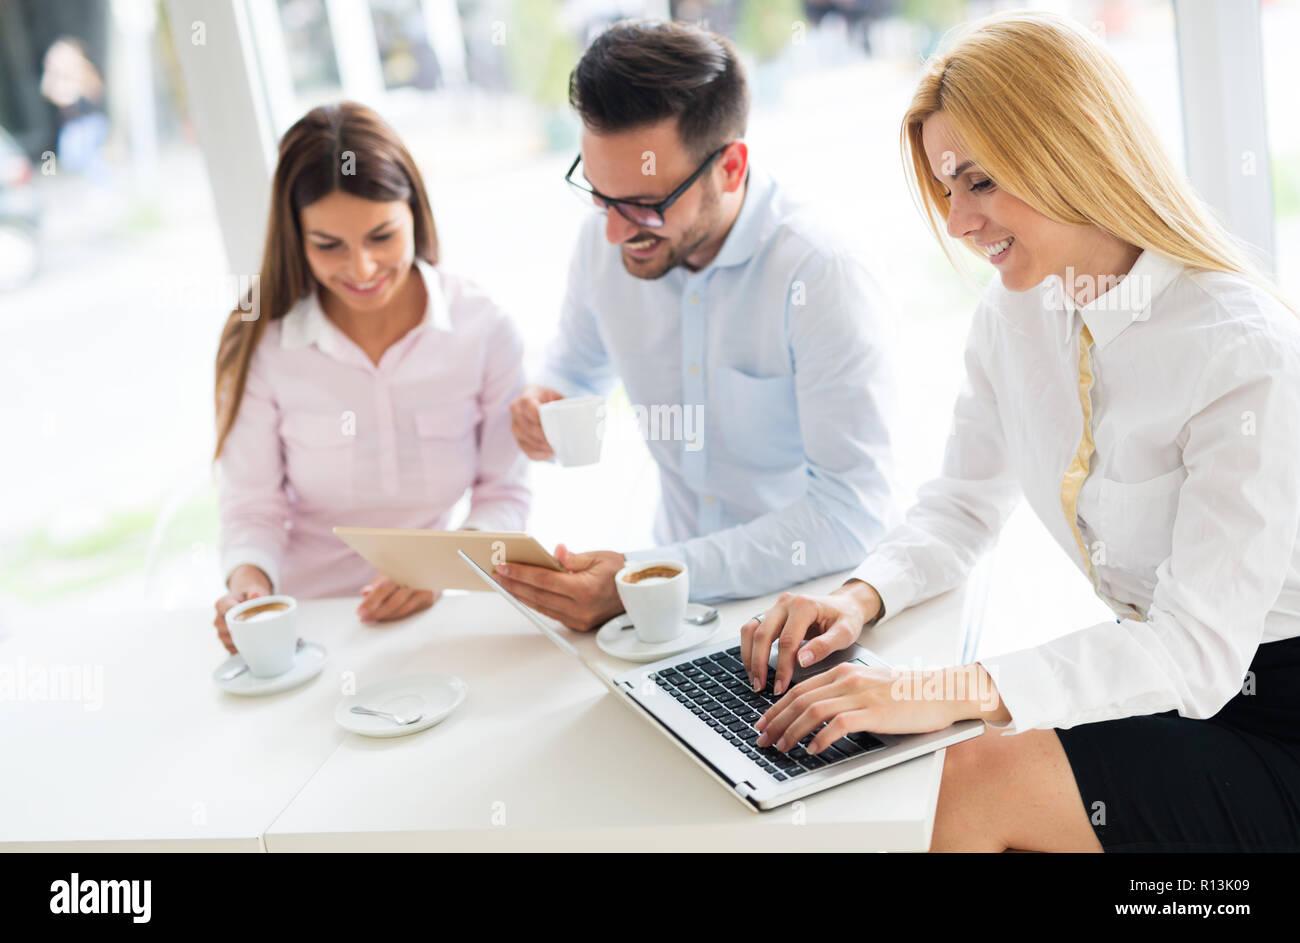 Höhere im Büro gemeinsam auf Laptop Stockfoto